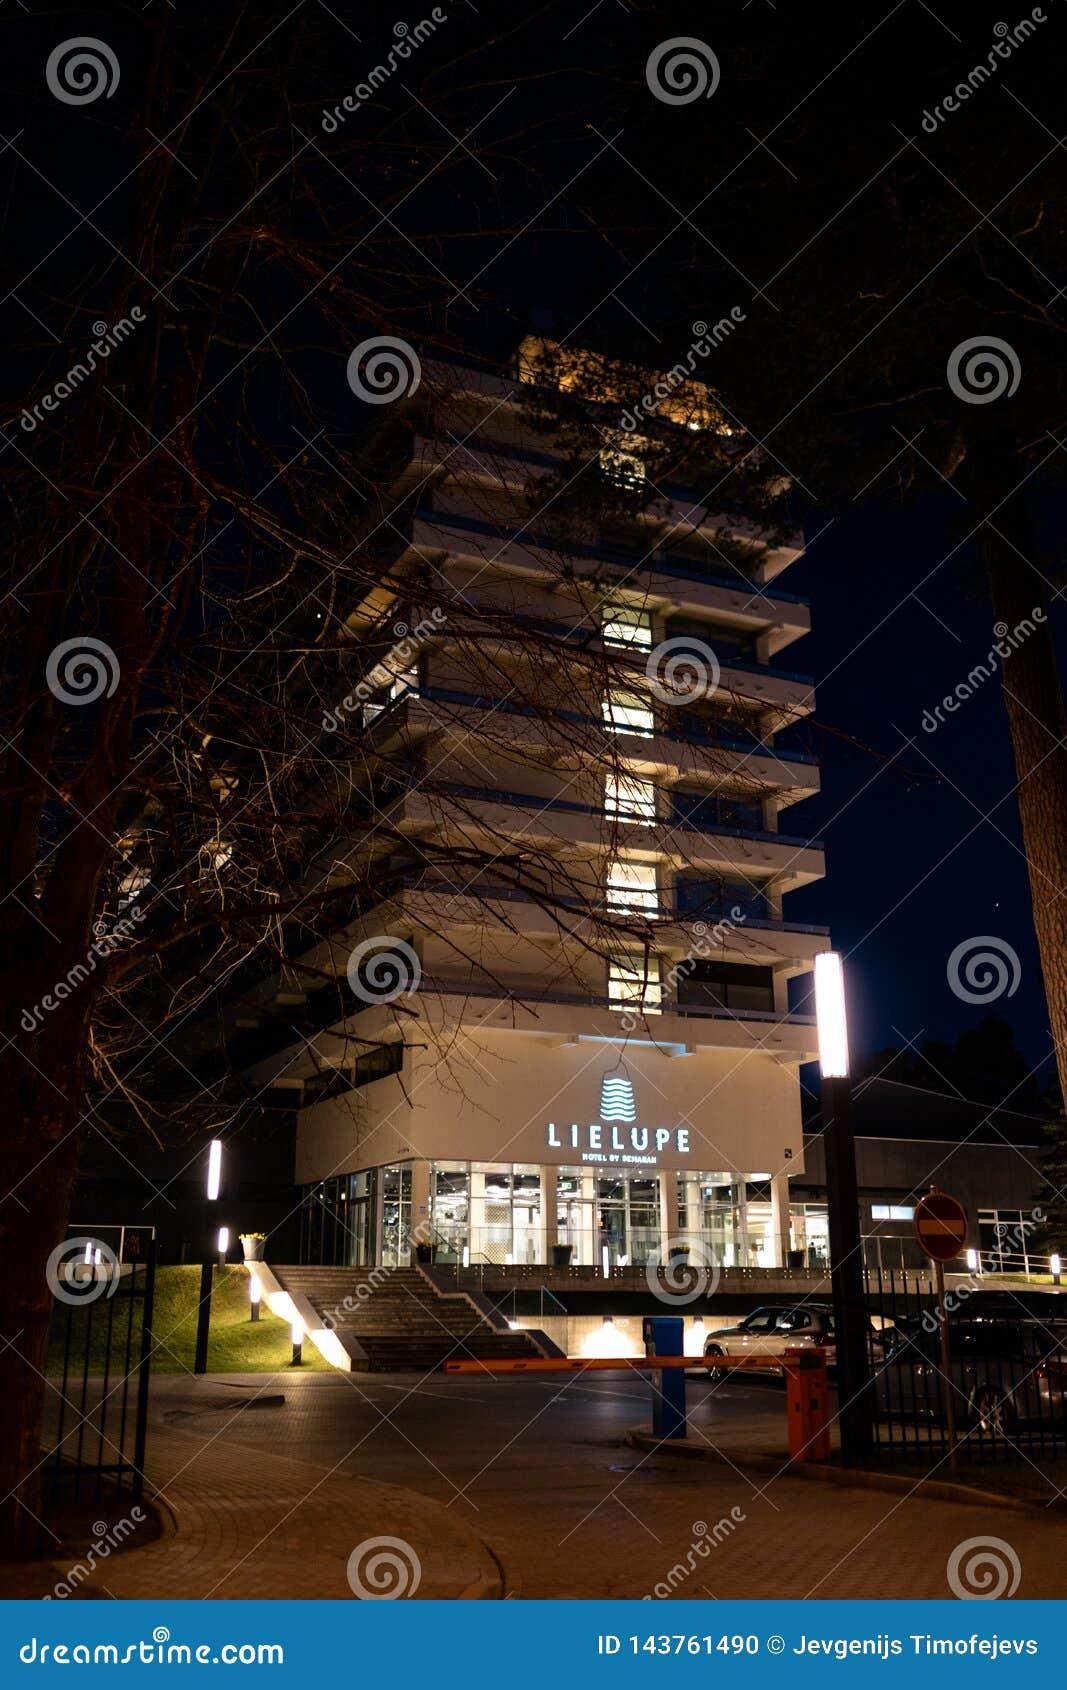 JURMALA, ЛАТВИЯ - 2-ОЕ АПРЕЛЯ 2019: Конференц-зал Lielupe гостиницы Semarah вечером - главный вход - популярный для людей